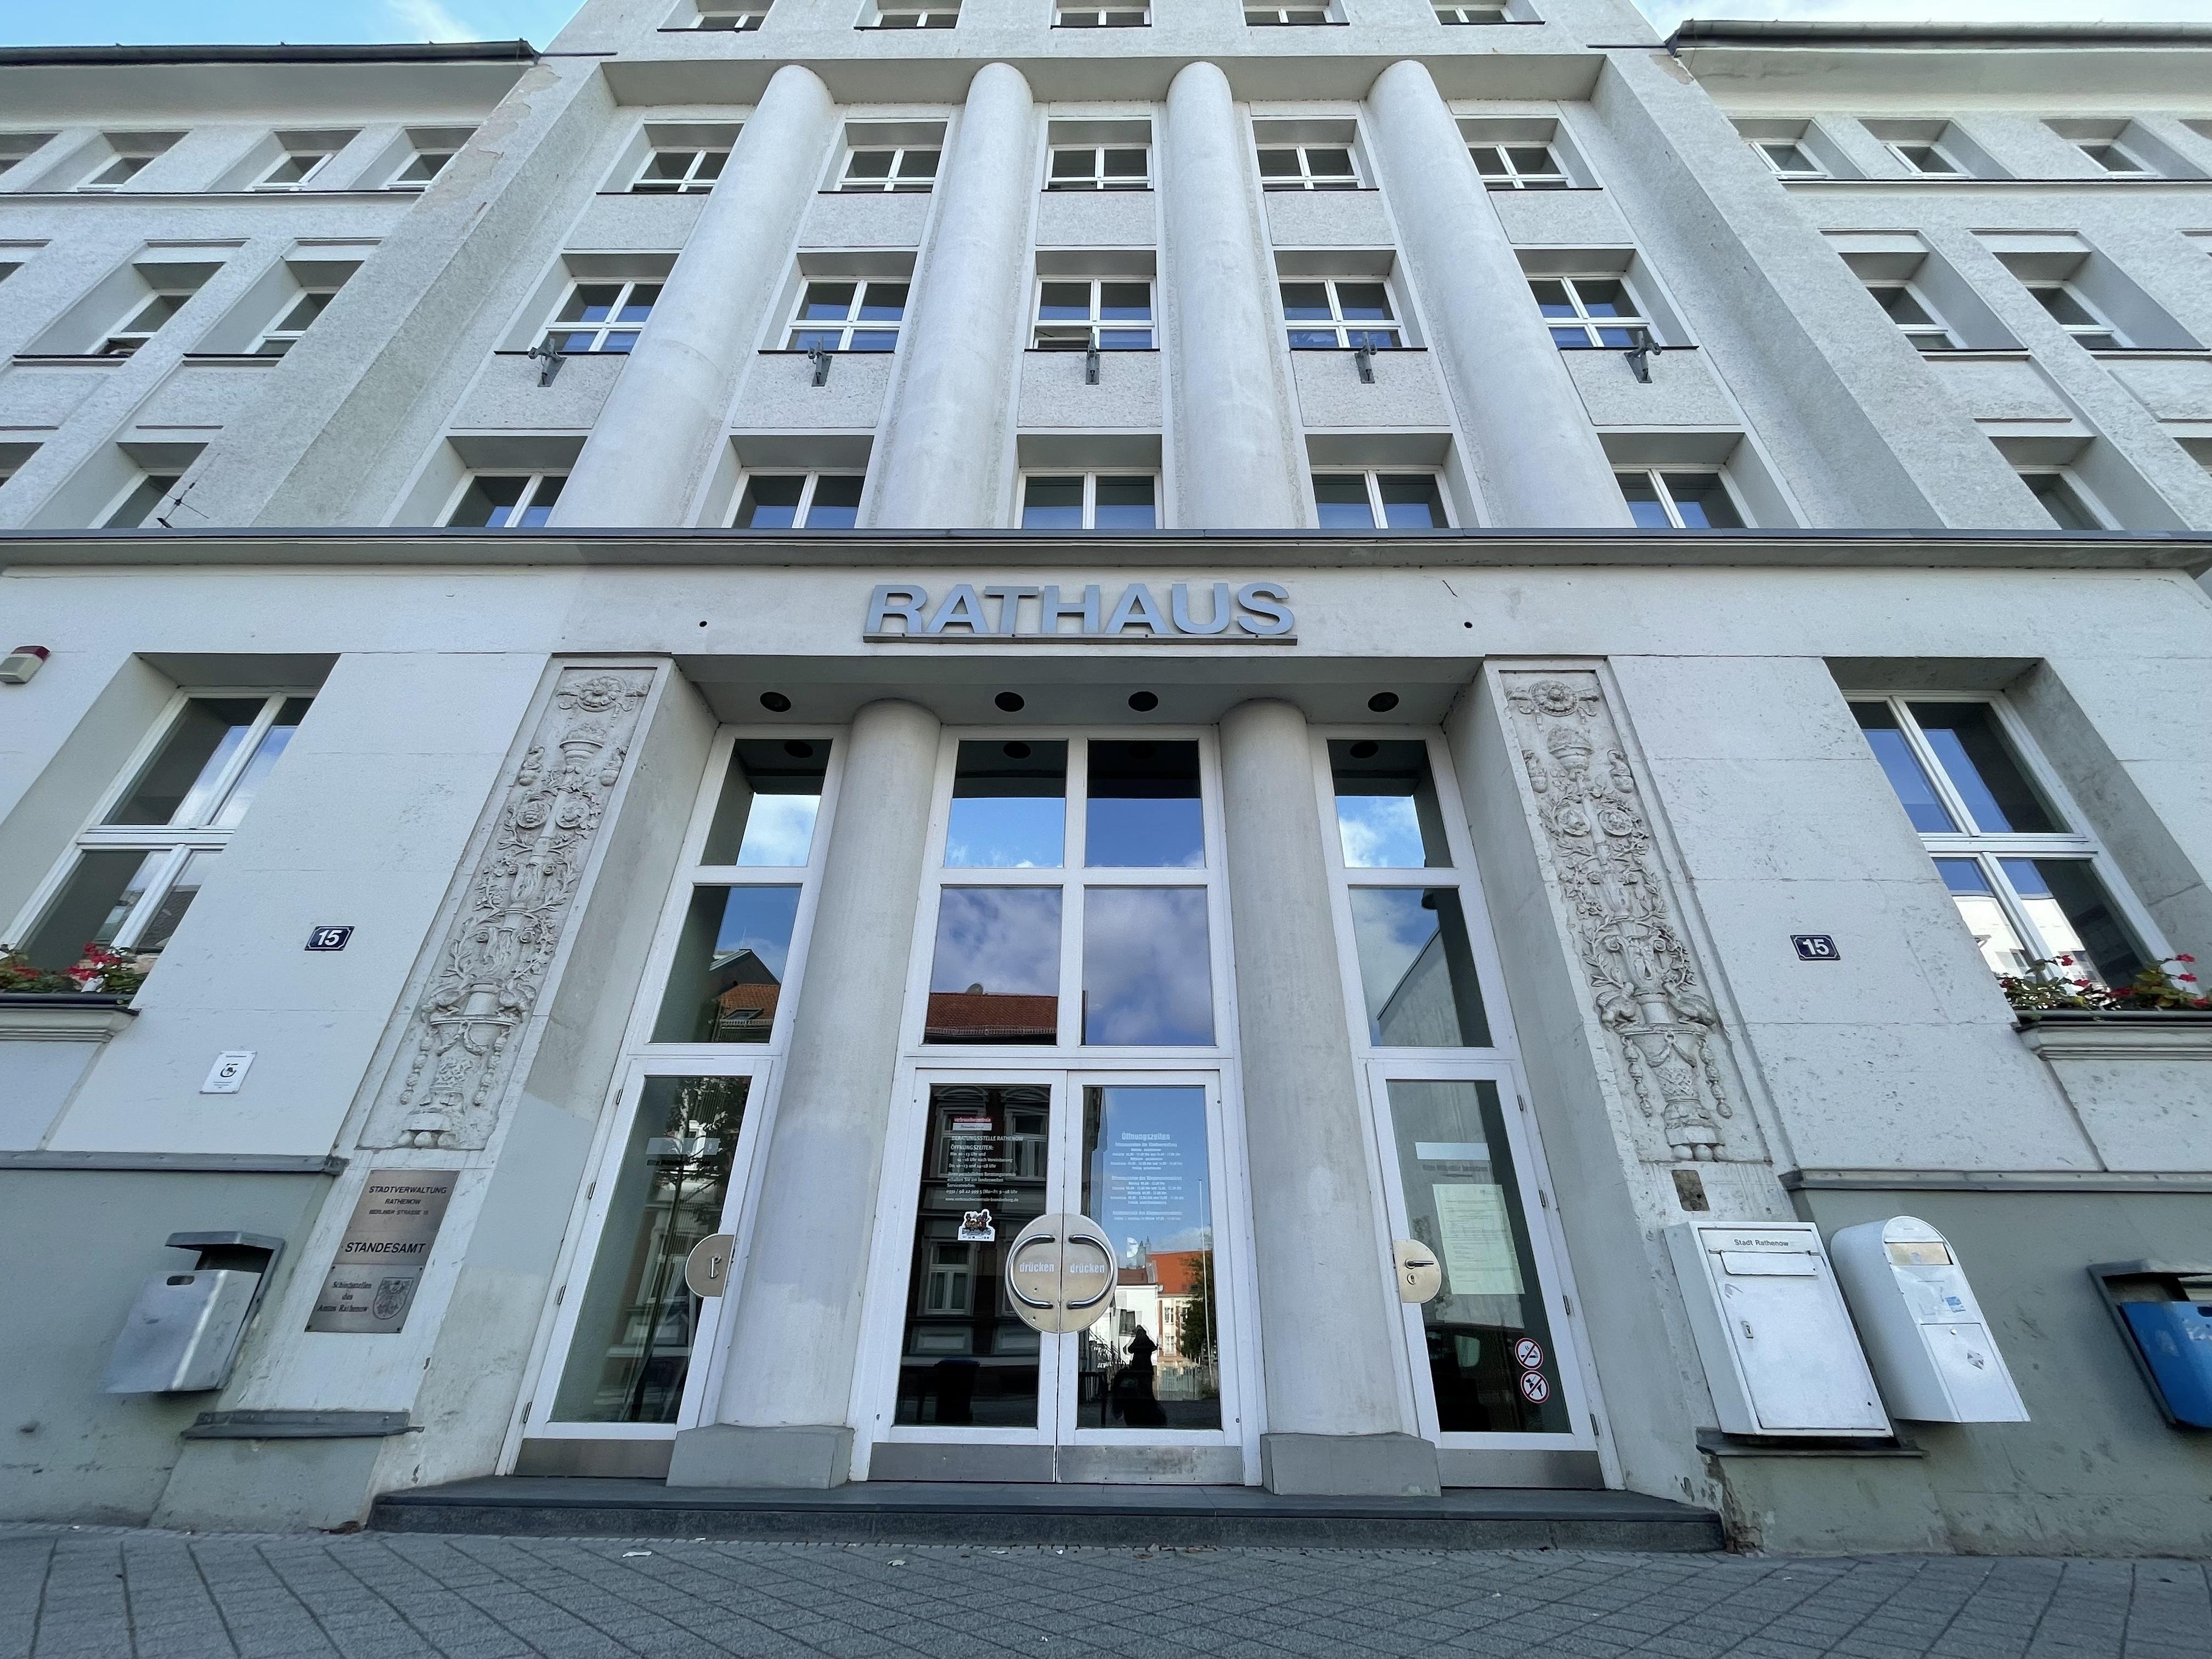 Der Haupteingang des Rathenower Rathauses. (Foto: Christin Schmidt)